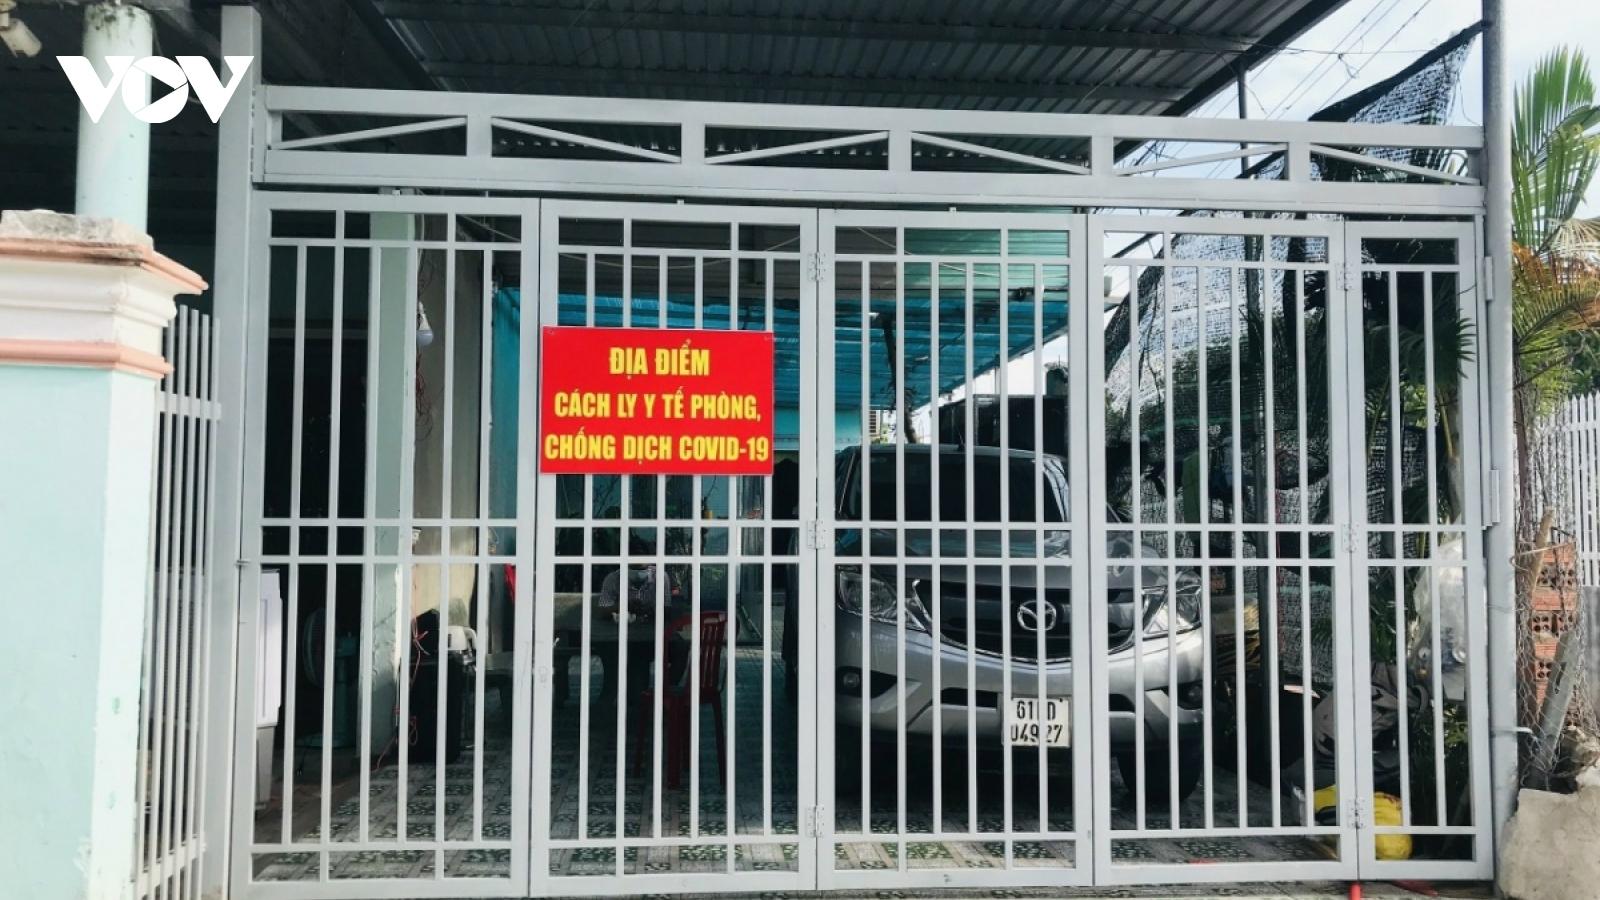 Bình Thuận chưa thực hiện cách ly y tế tại nhà với F1 và người về từ TP.HCM